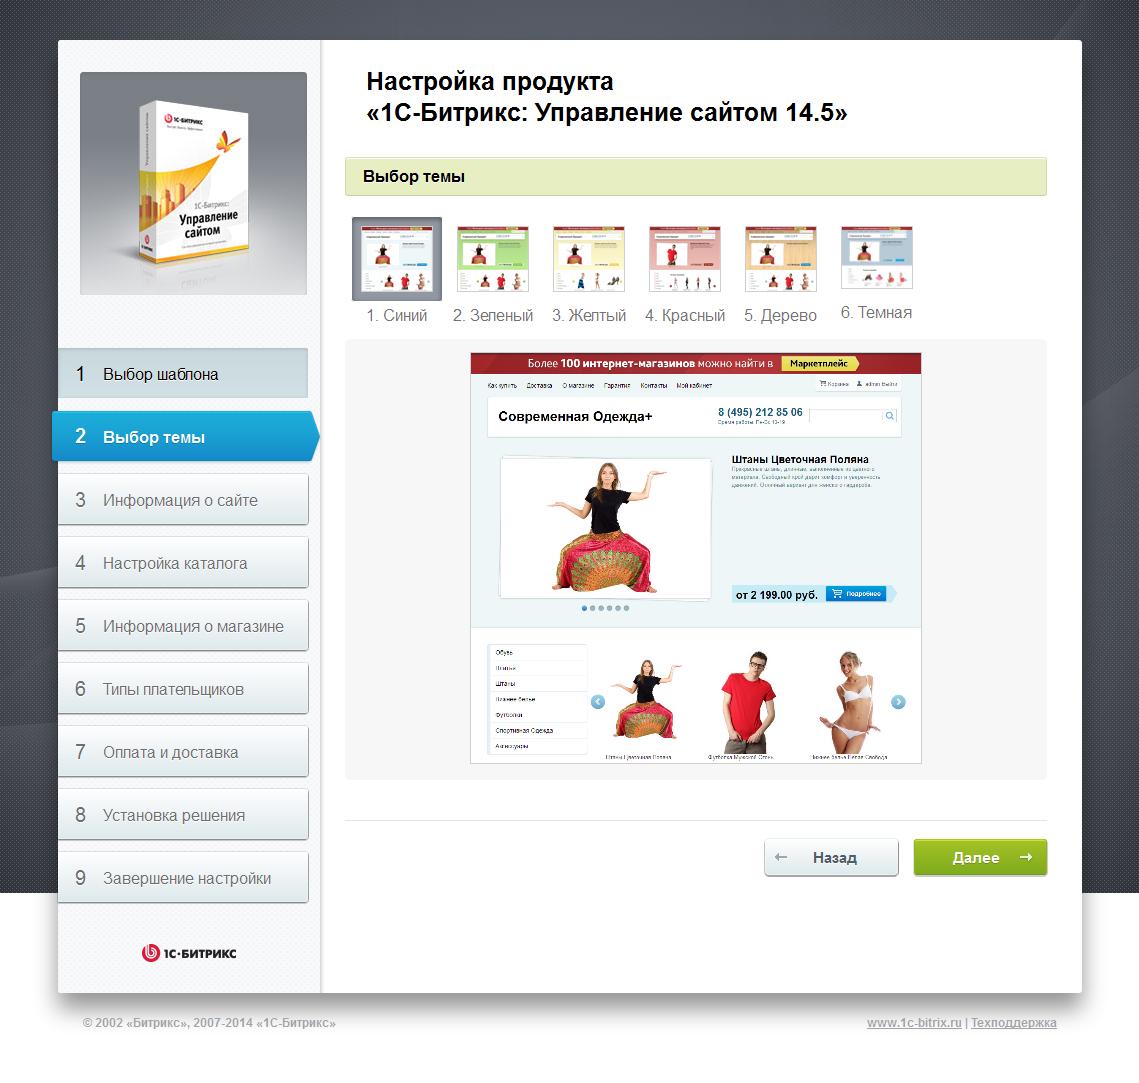 Хостинг битрикс интернет магазин продать crm систему